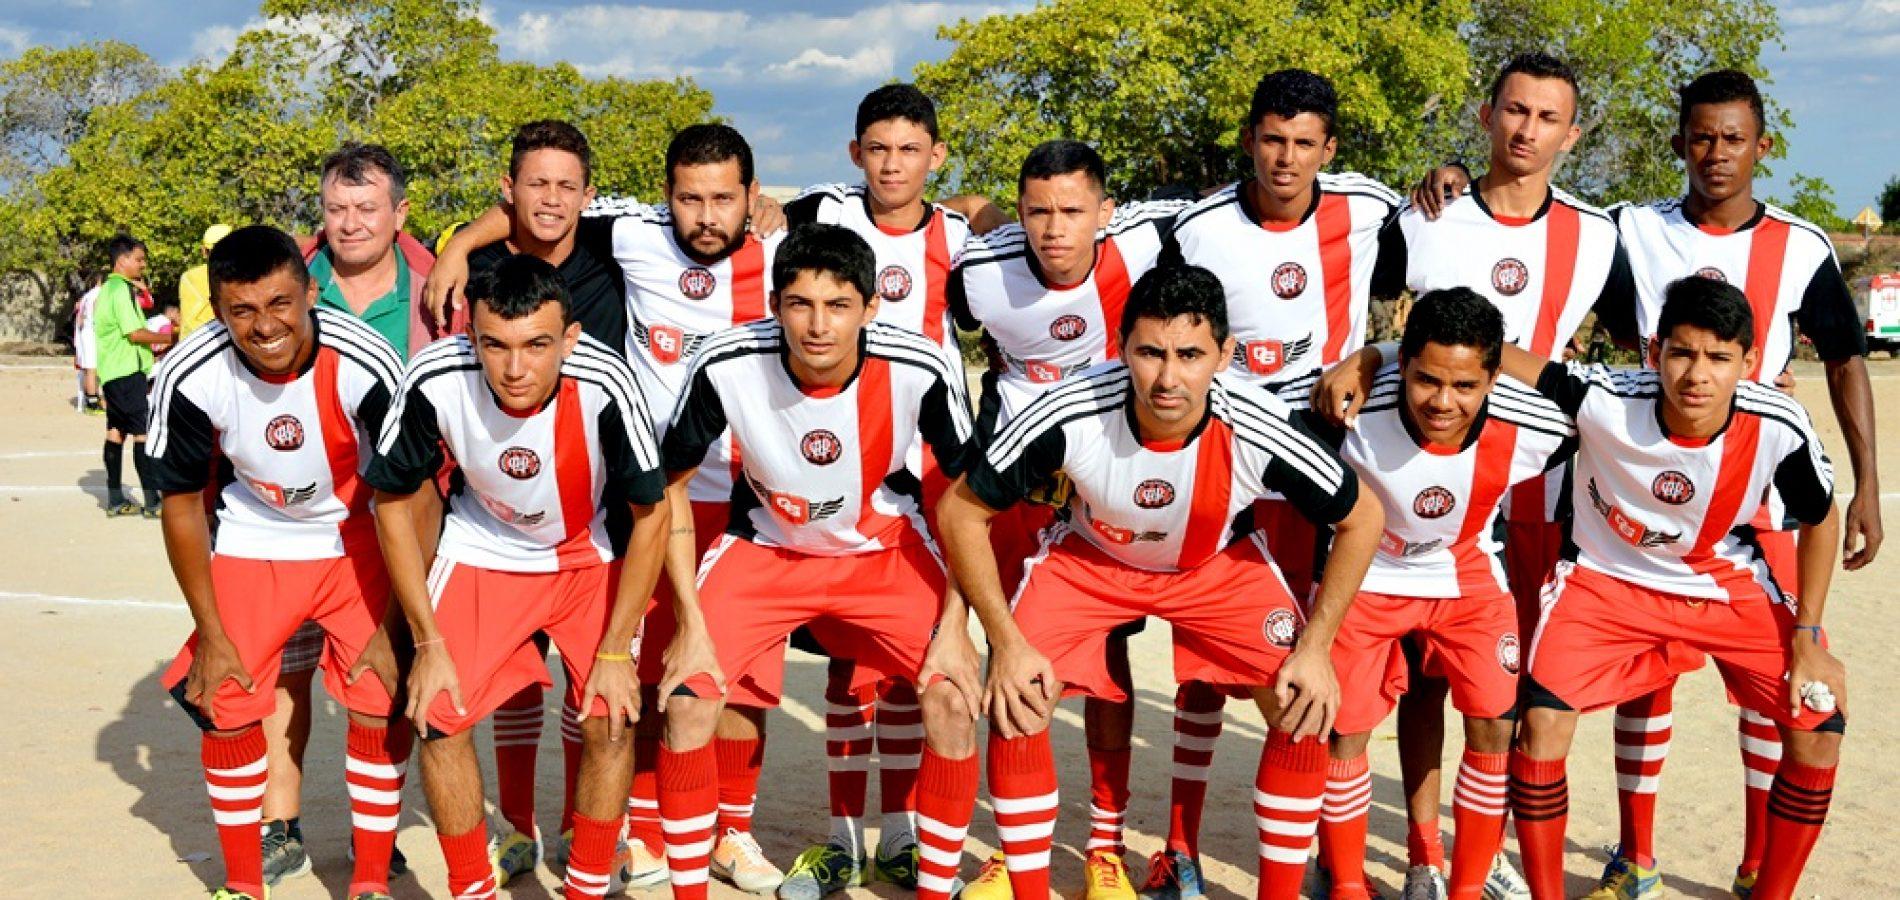 Meninos da Vila vence Serra do Provisio na 3ª rodada do Campeonato de Futebol Amador de Vila Nova